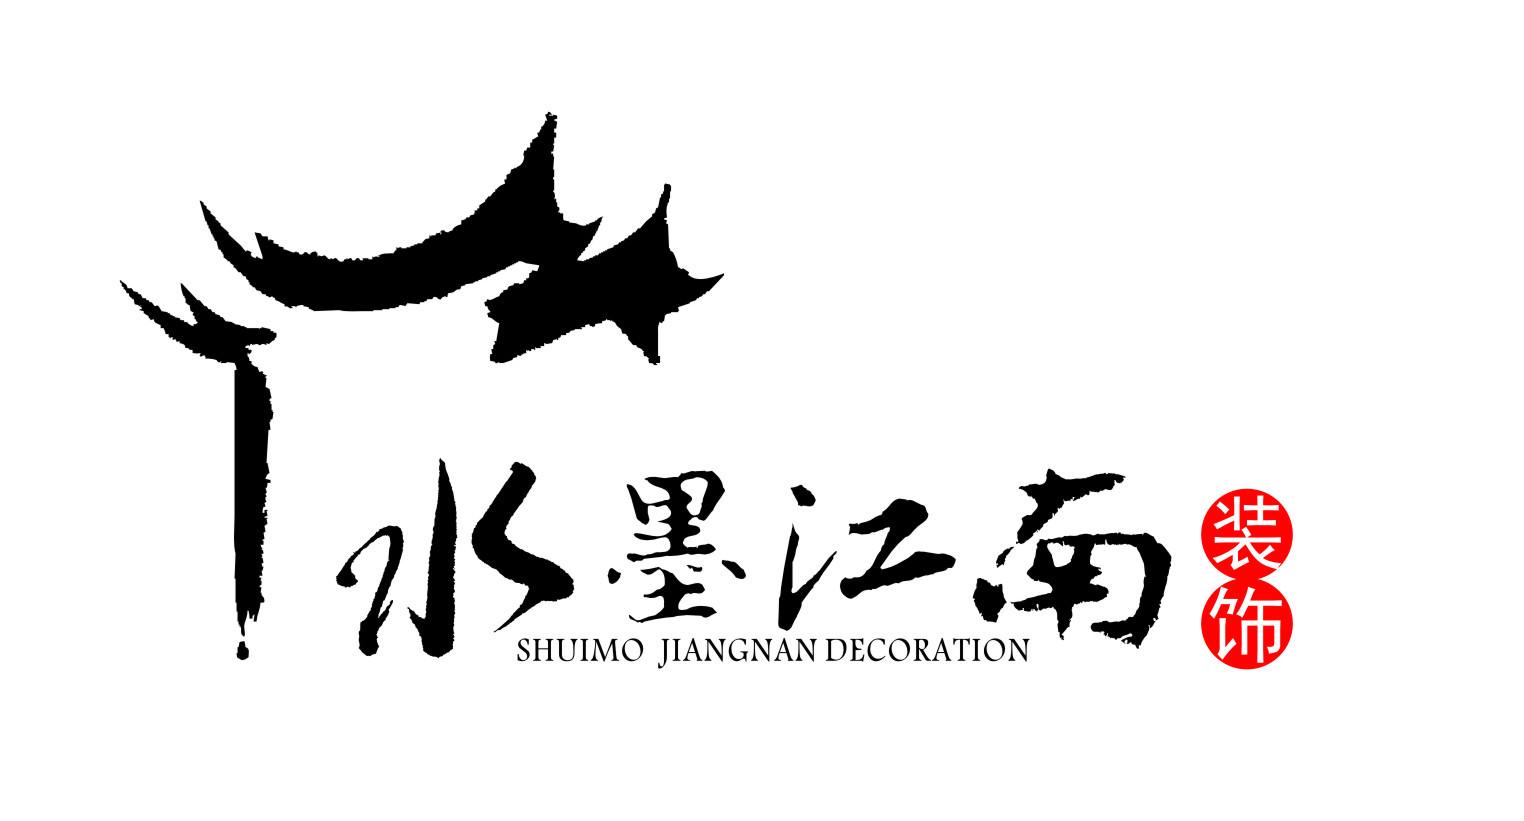 水墨江南装饰标志设计图片